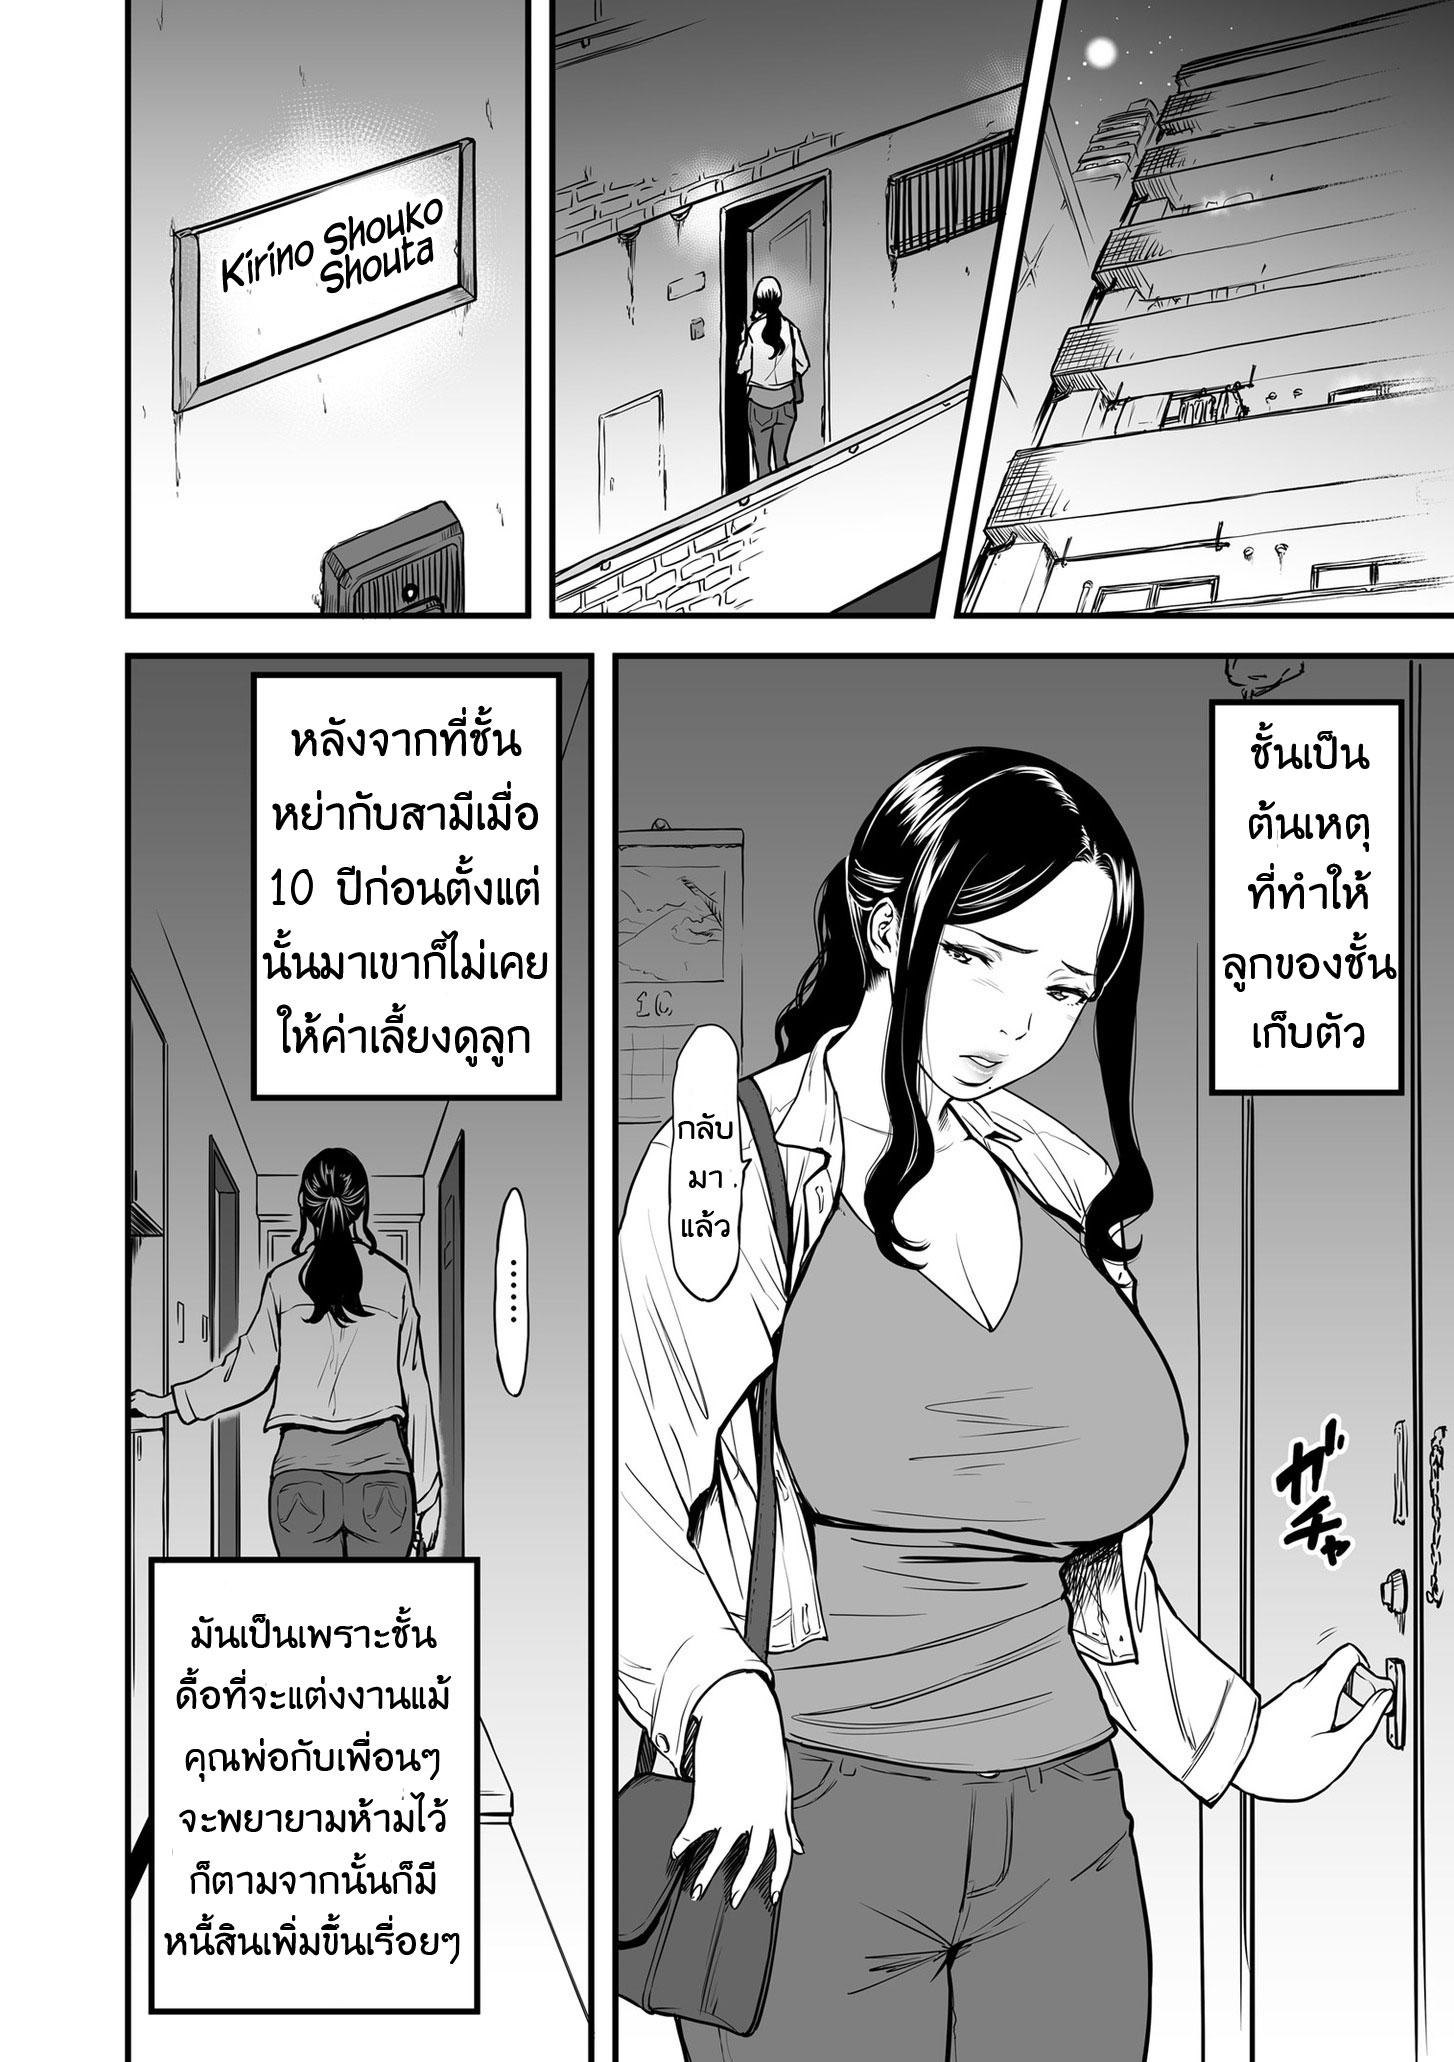 คุณแม่ AV กับคุณลูกสายชัก(ว่าว)-4